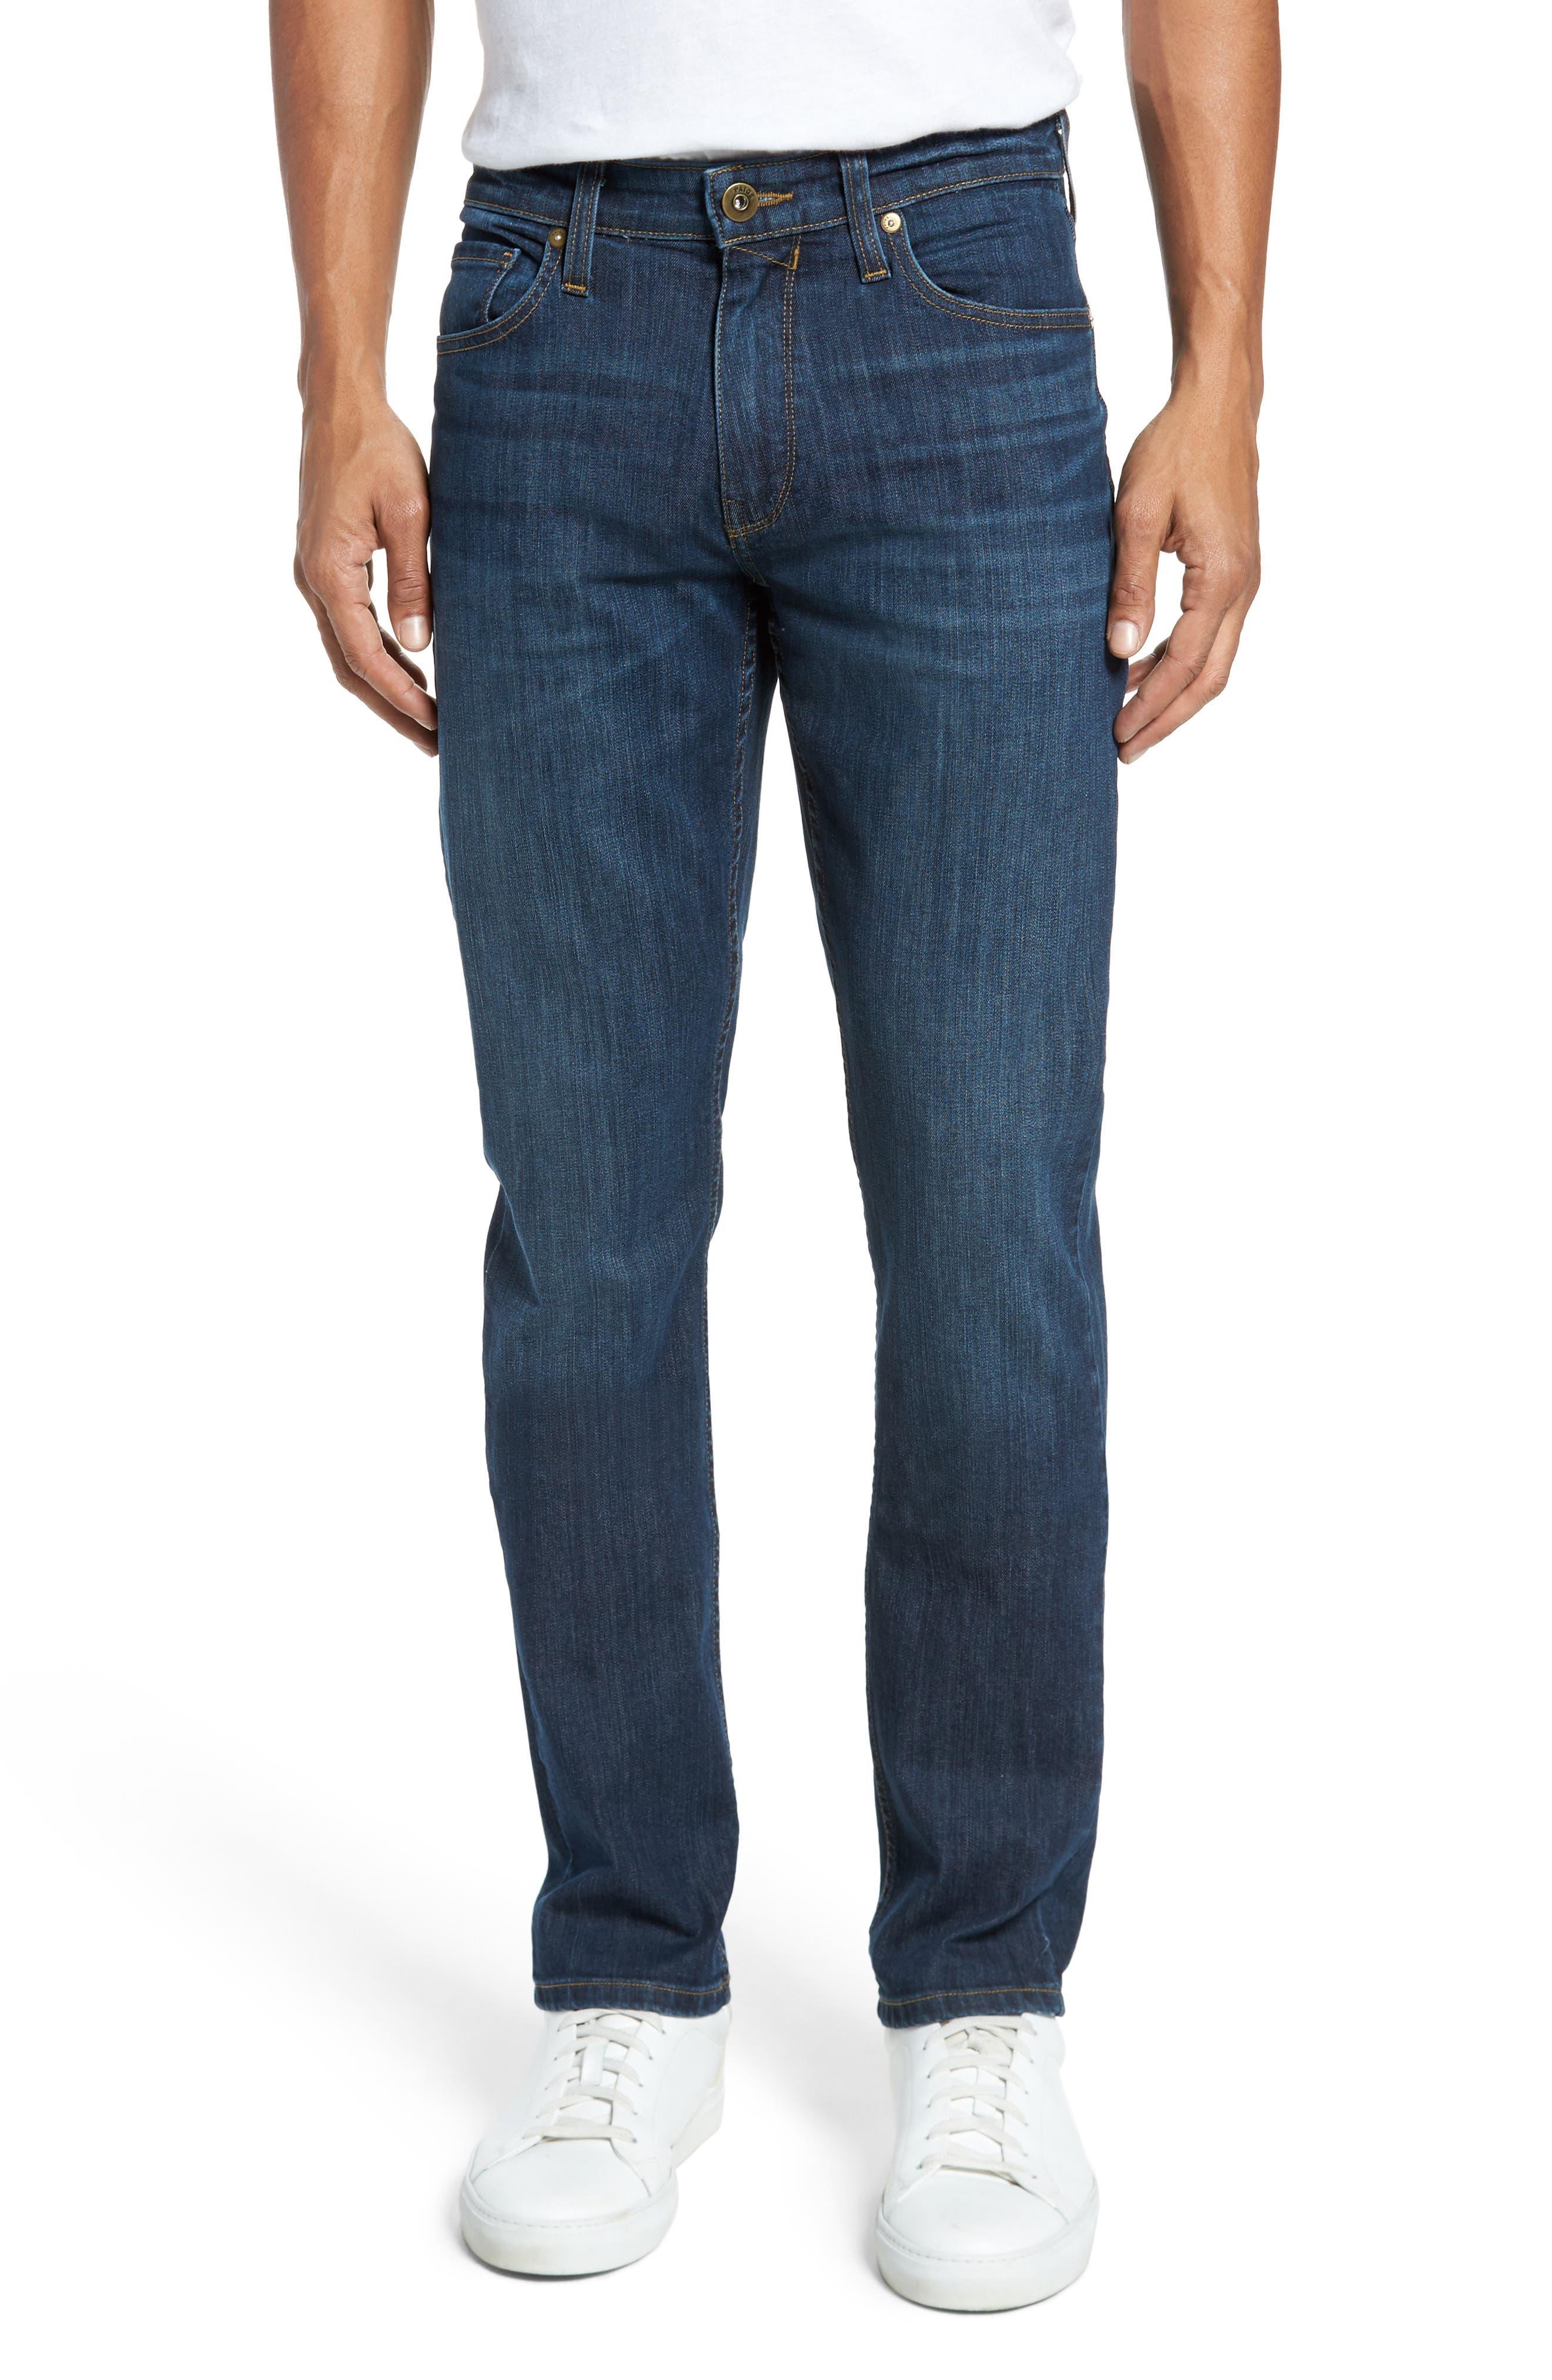 Lennox Slim Fit Jeans,                         Main,                         color, Ridge